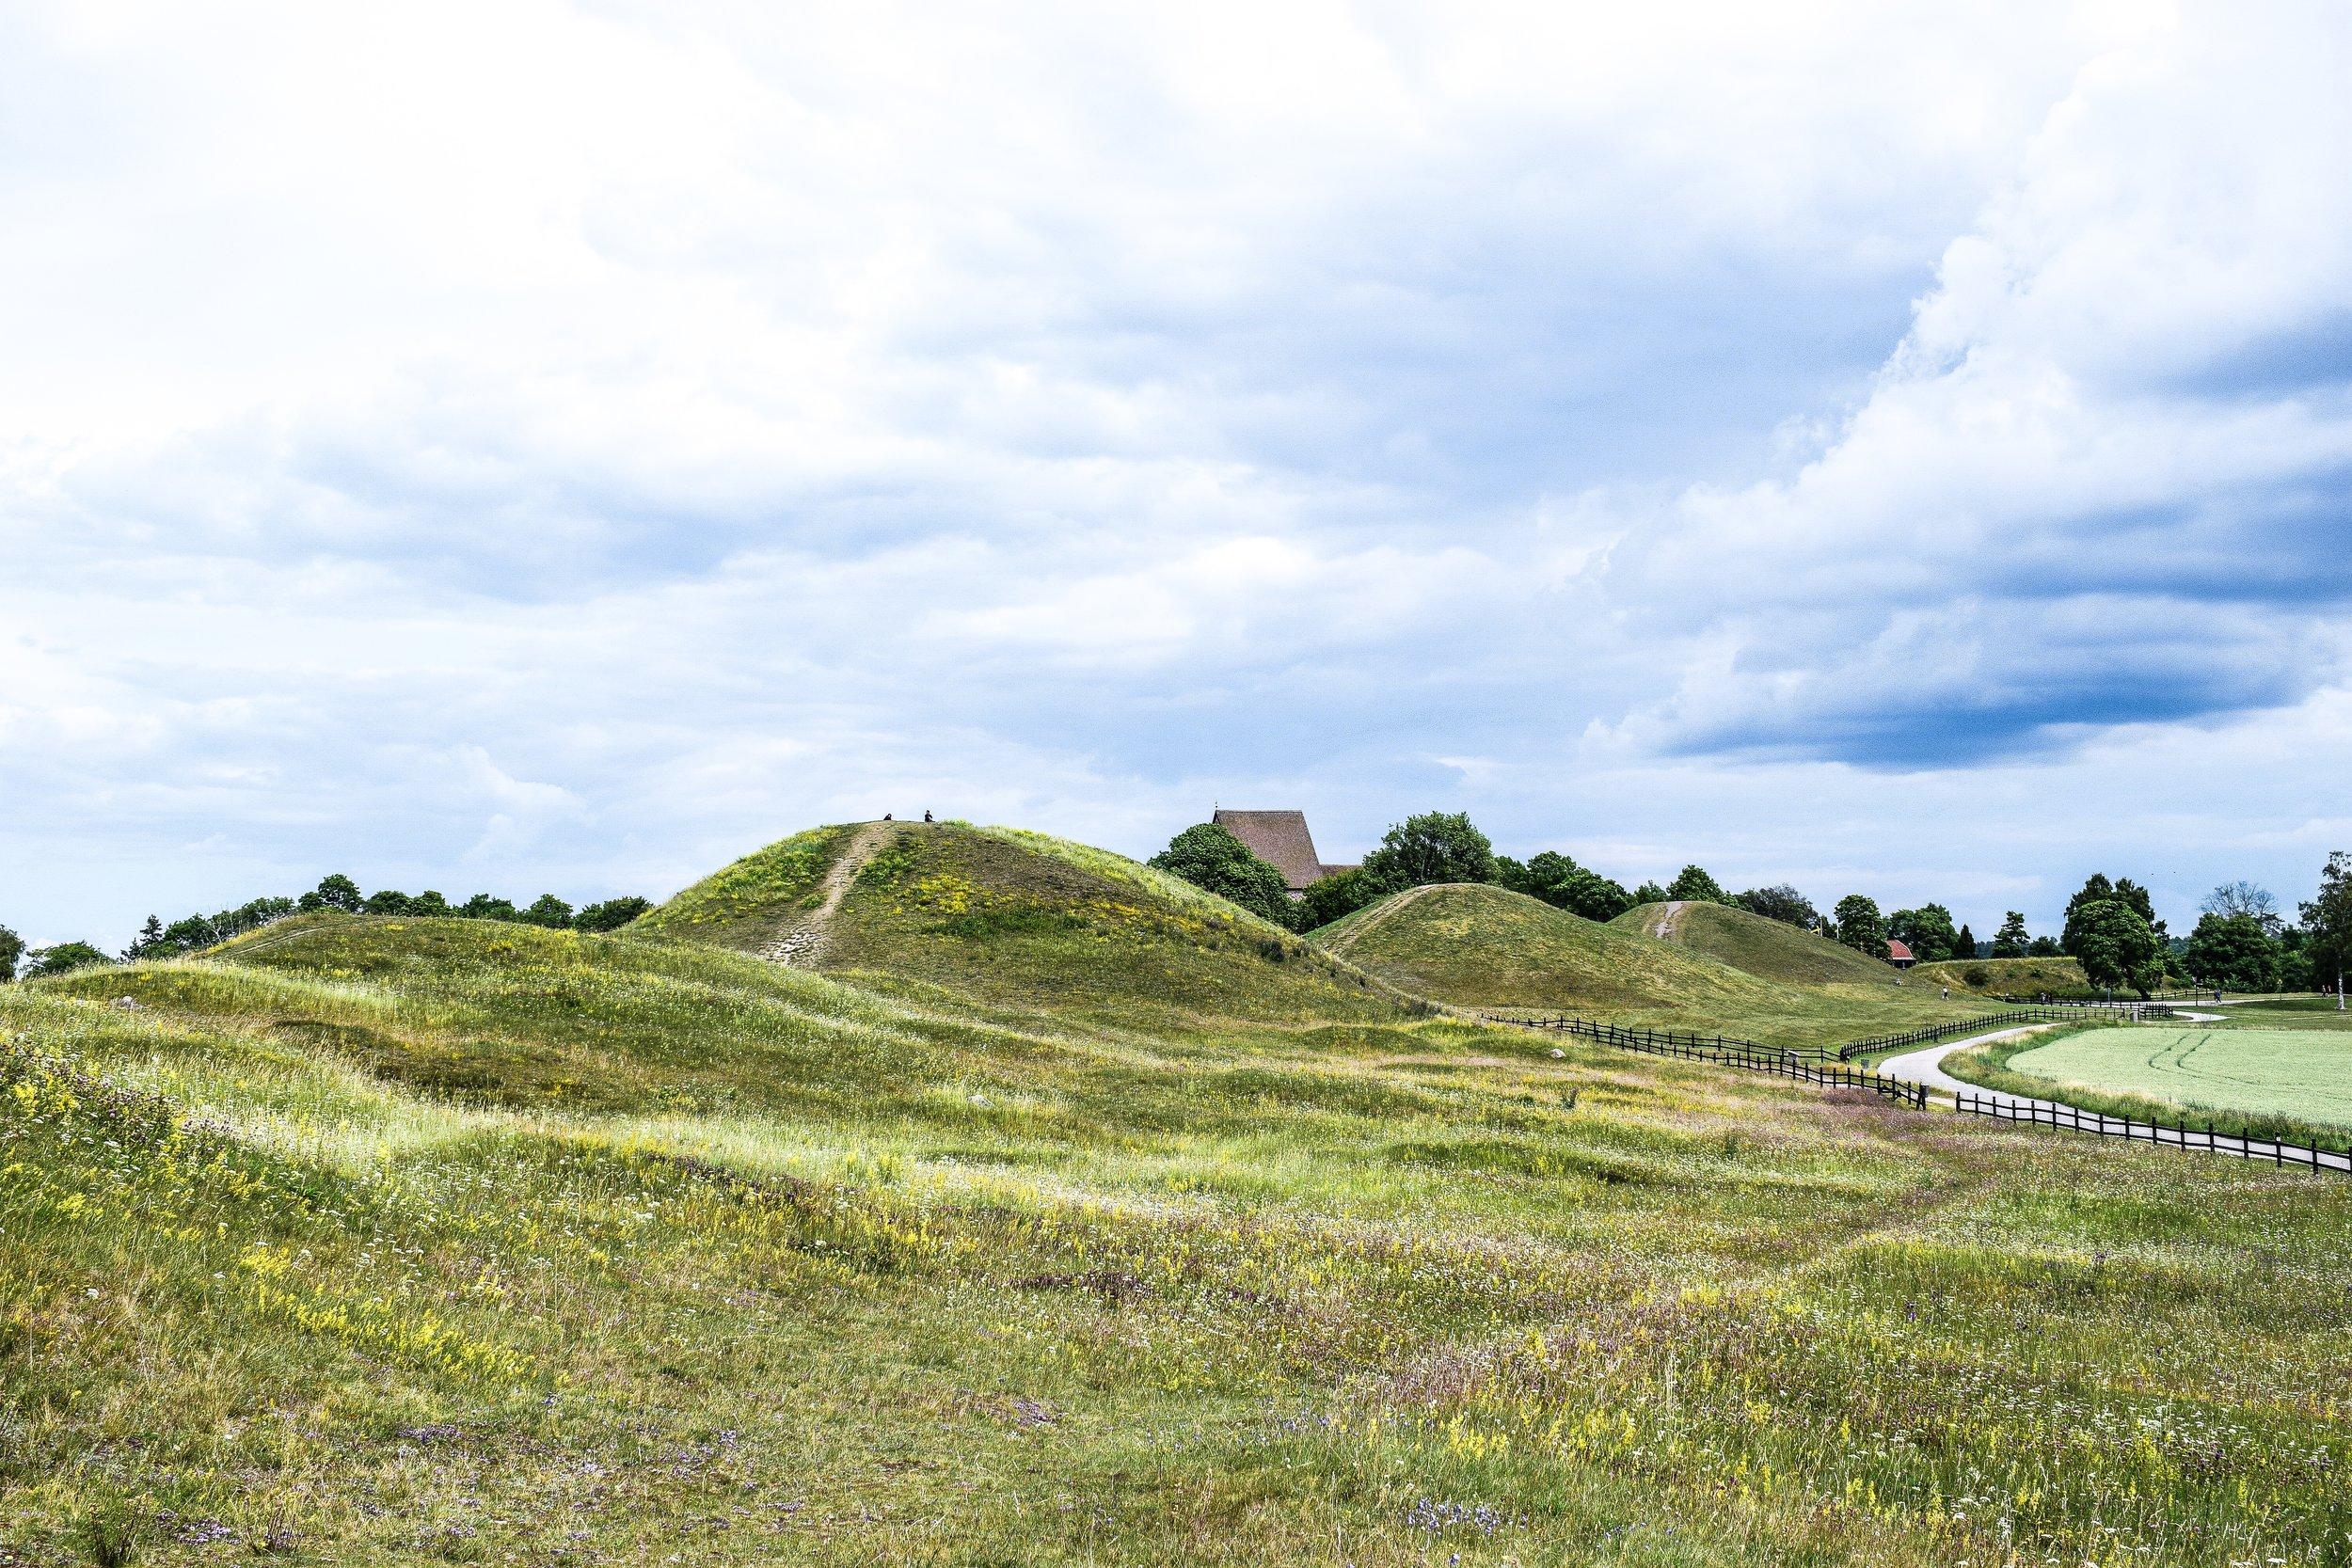 gamla_uppsala_kings_mounds4.jpeg